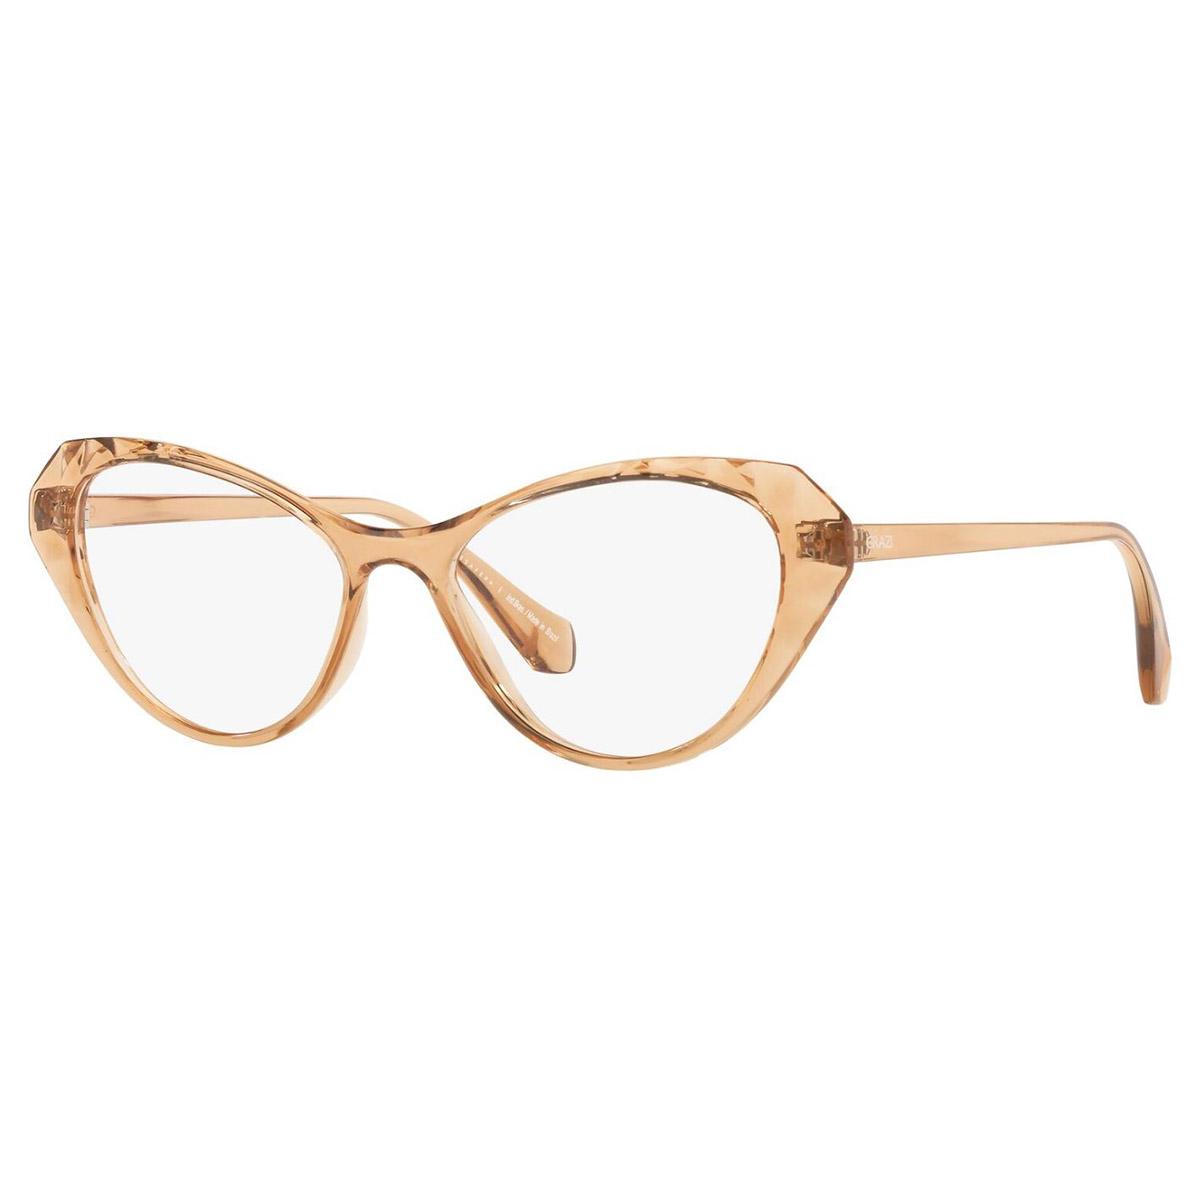 Óculos de Grau Grazi Massafera GZ3081 Marrom Translúcido